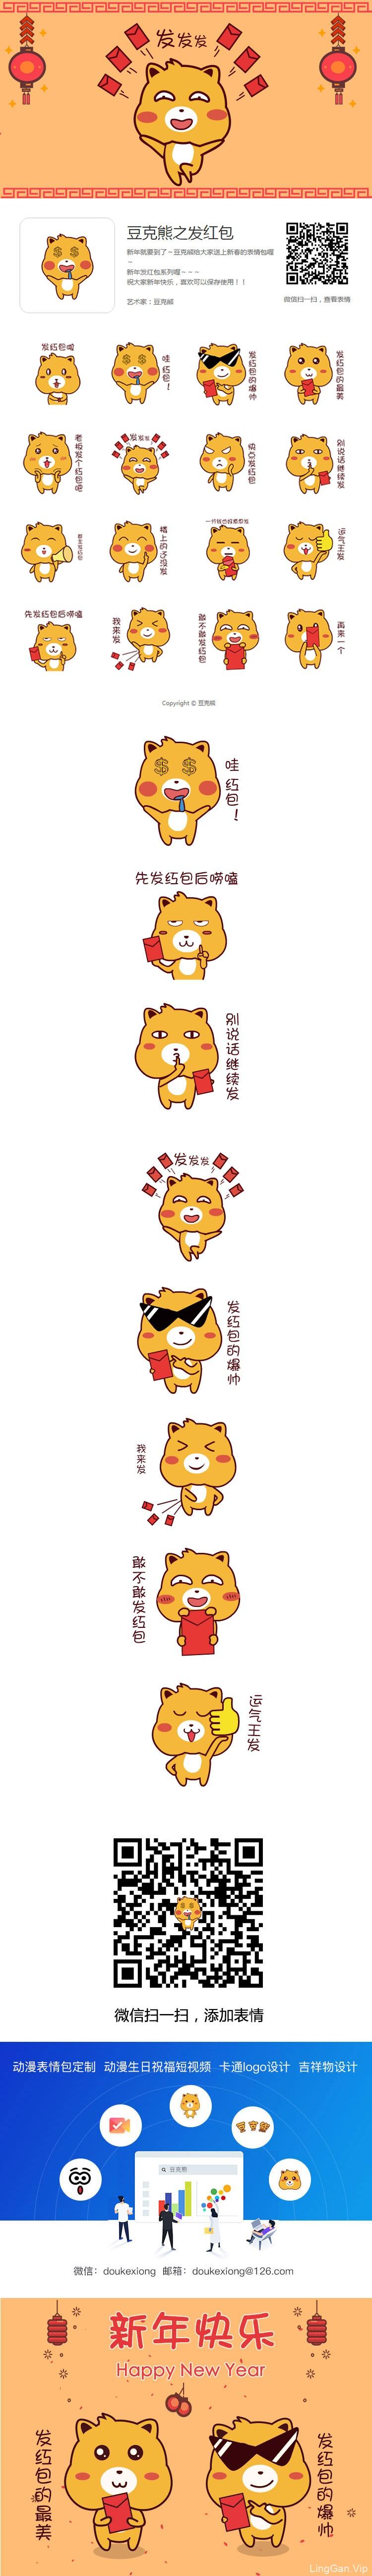 【豆克熊】原创动漫微信表情之新年发红包系列